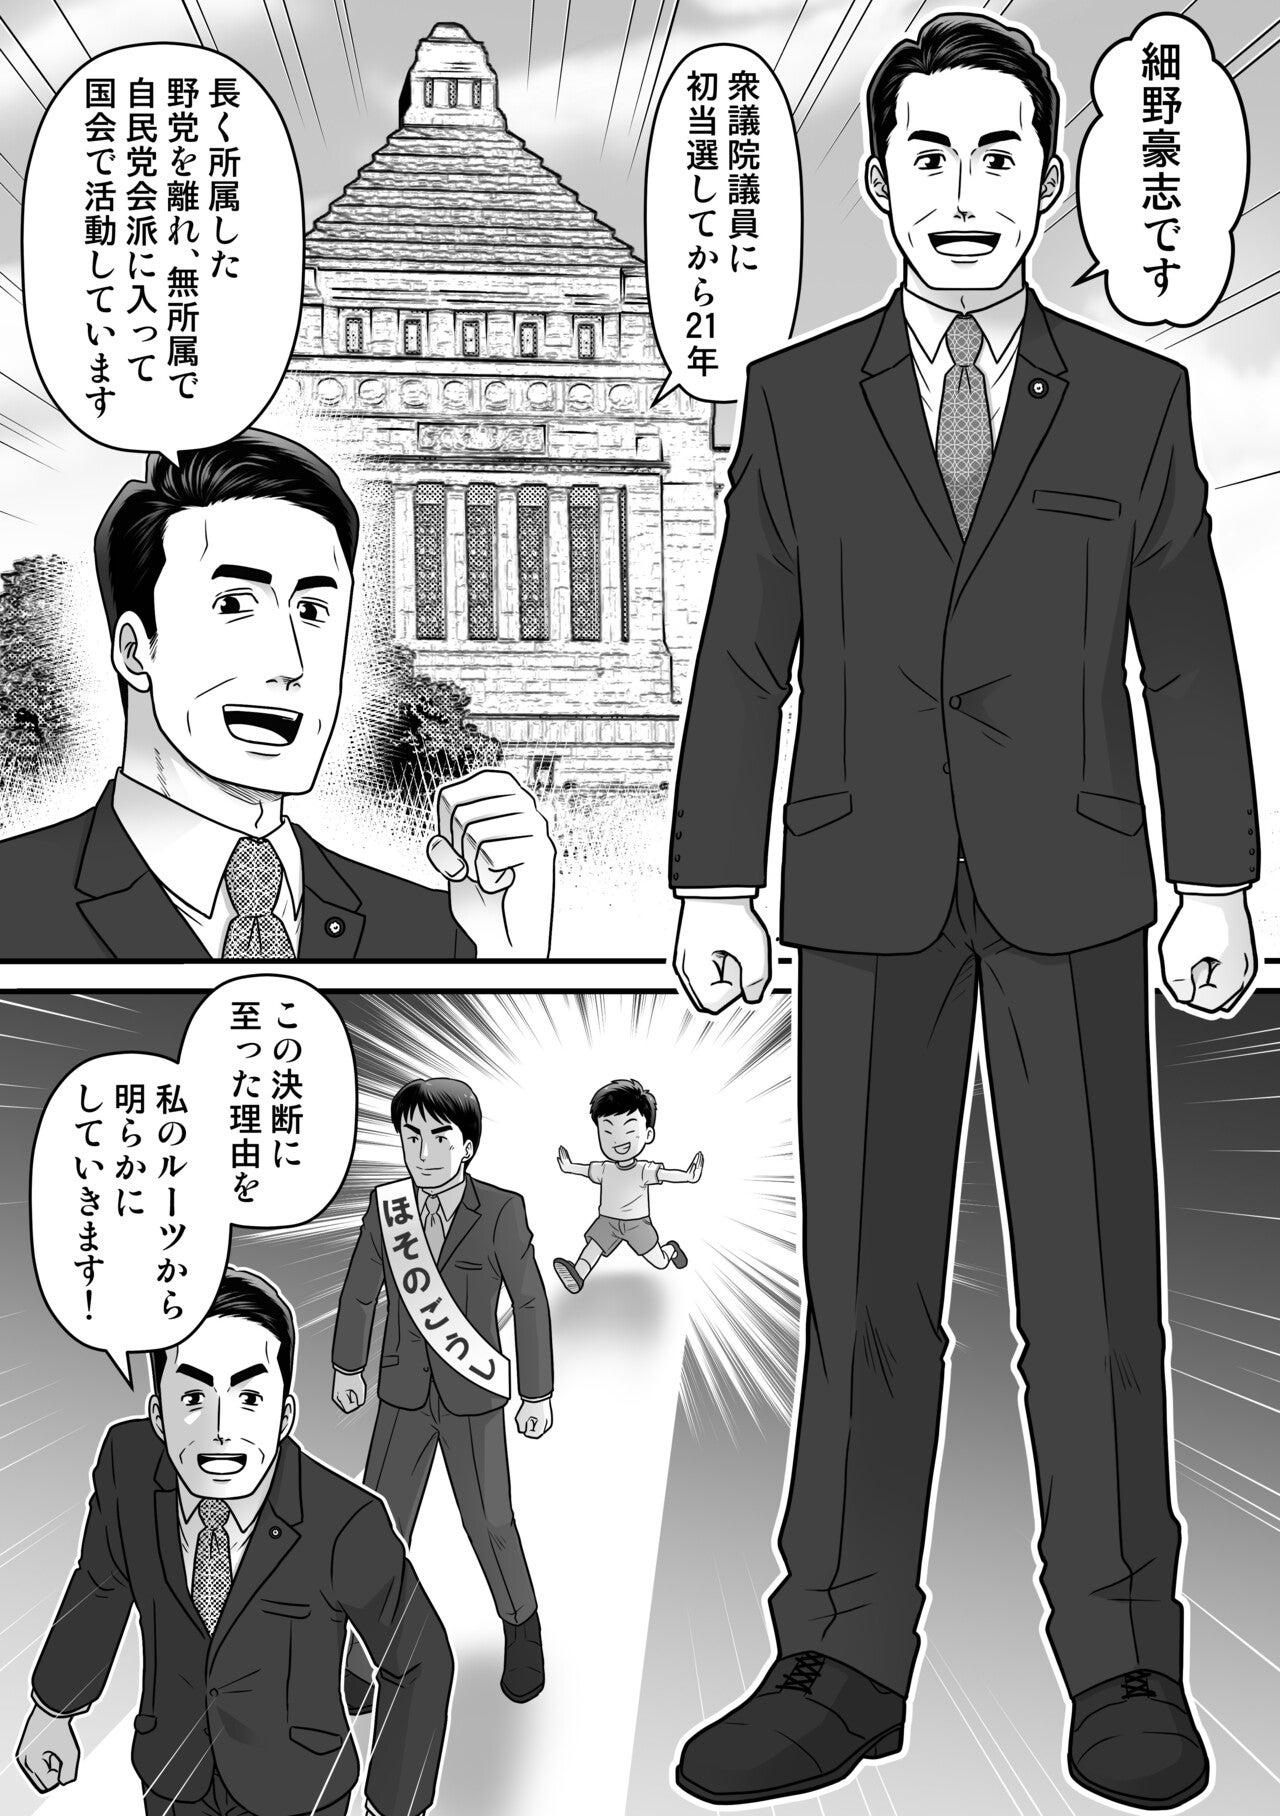 マンガ仕上げ_001